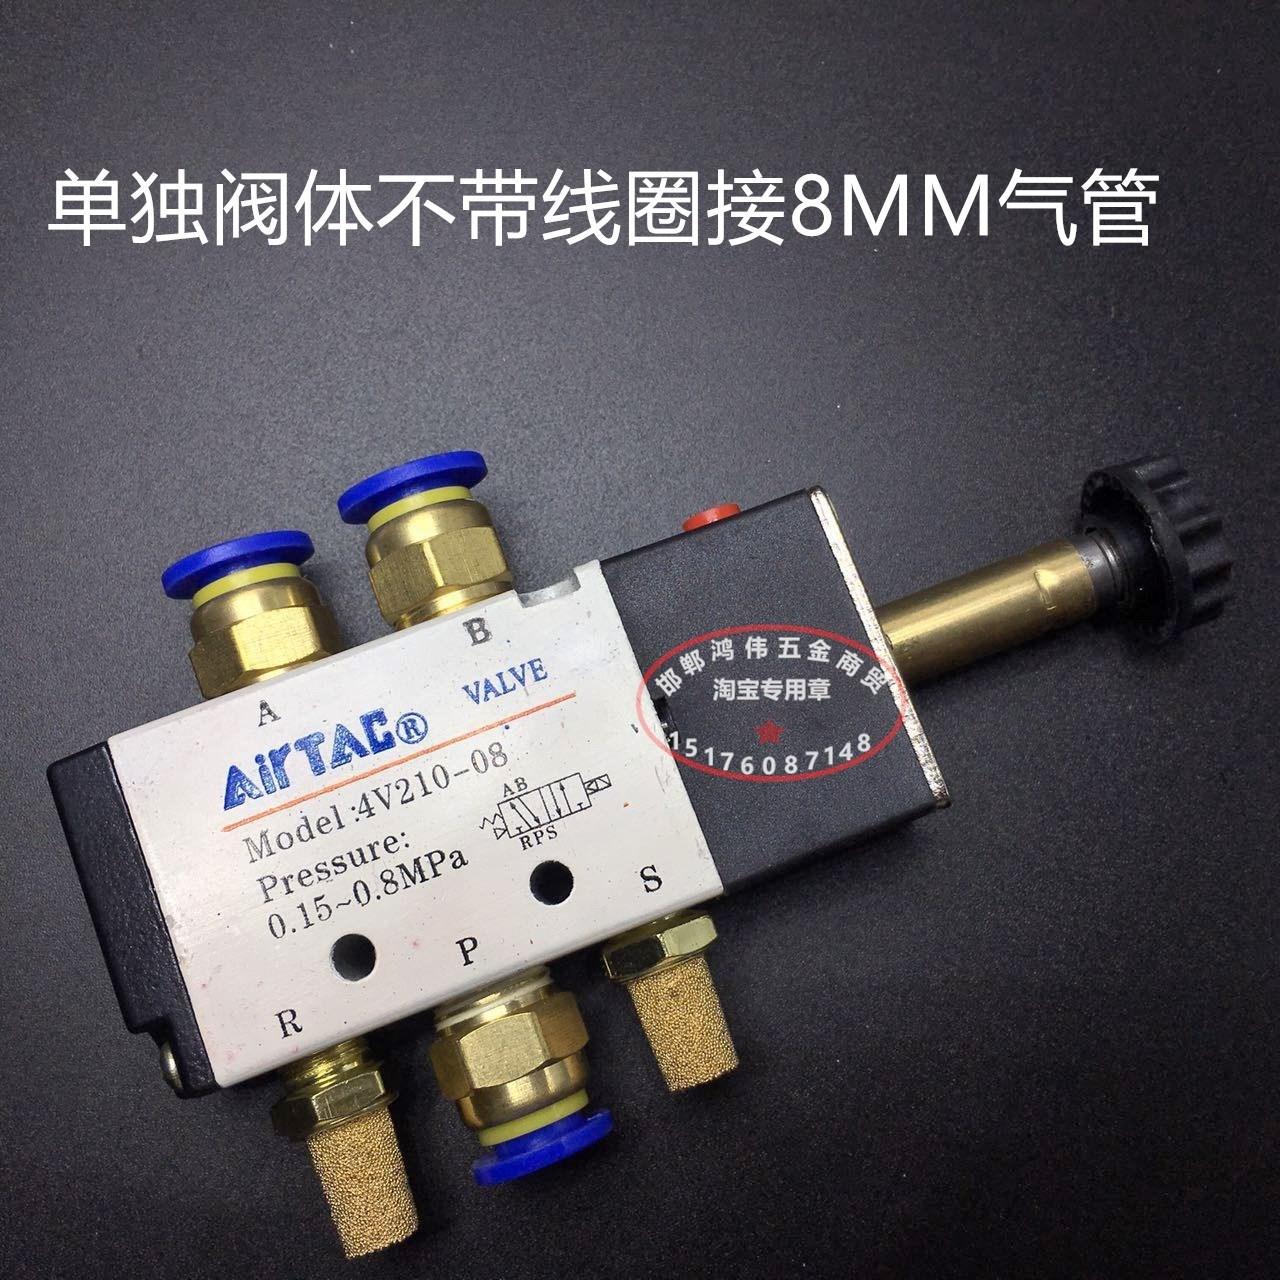 воздушный насос глушитель клапан электромагнитный клапан клапан обратный клапан воды переключатель контроля совместных трахеи быстро пневматический элемент